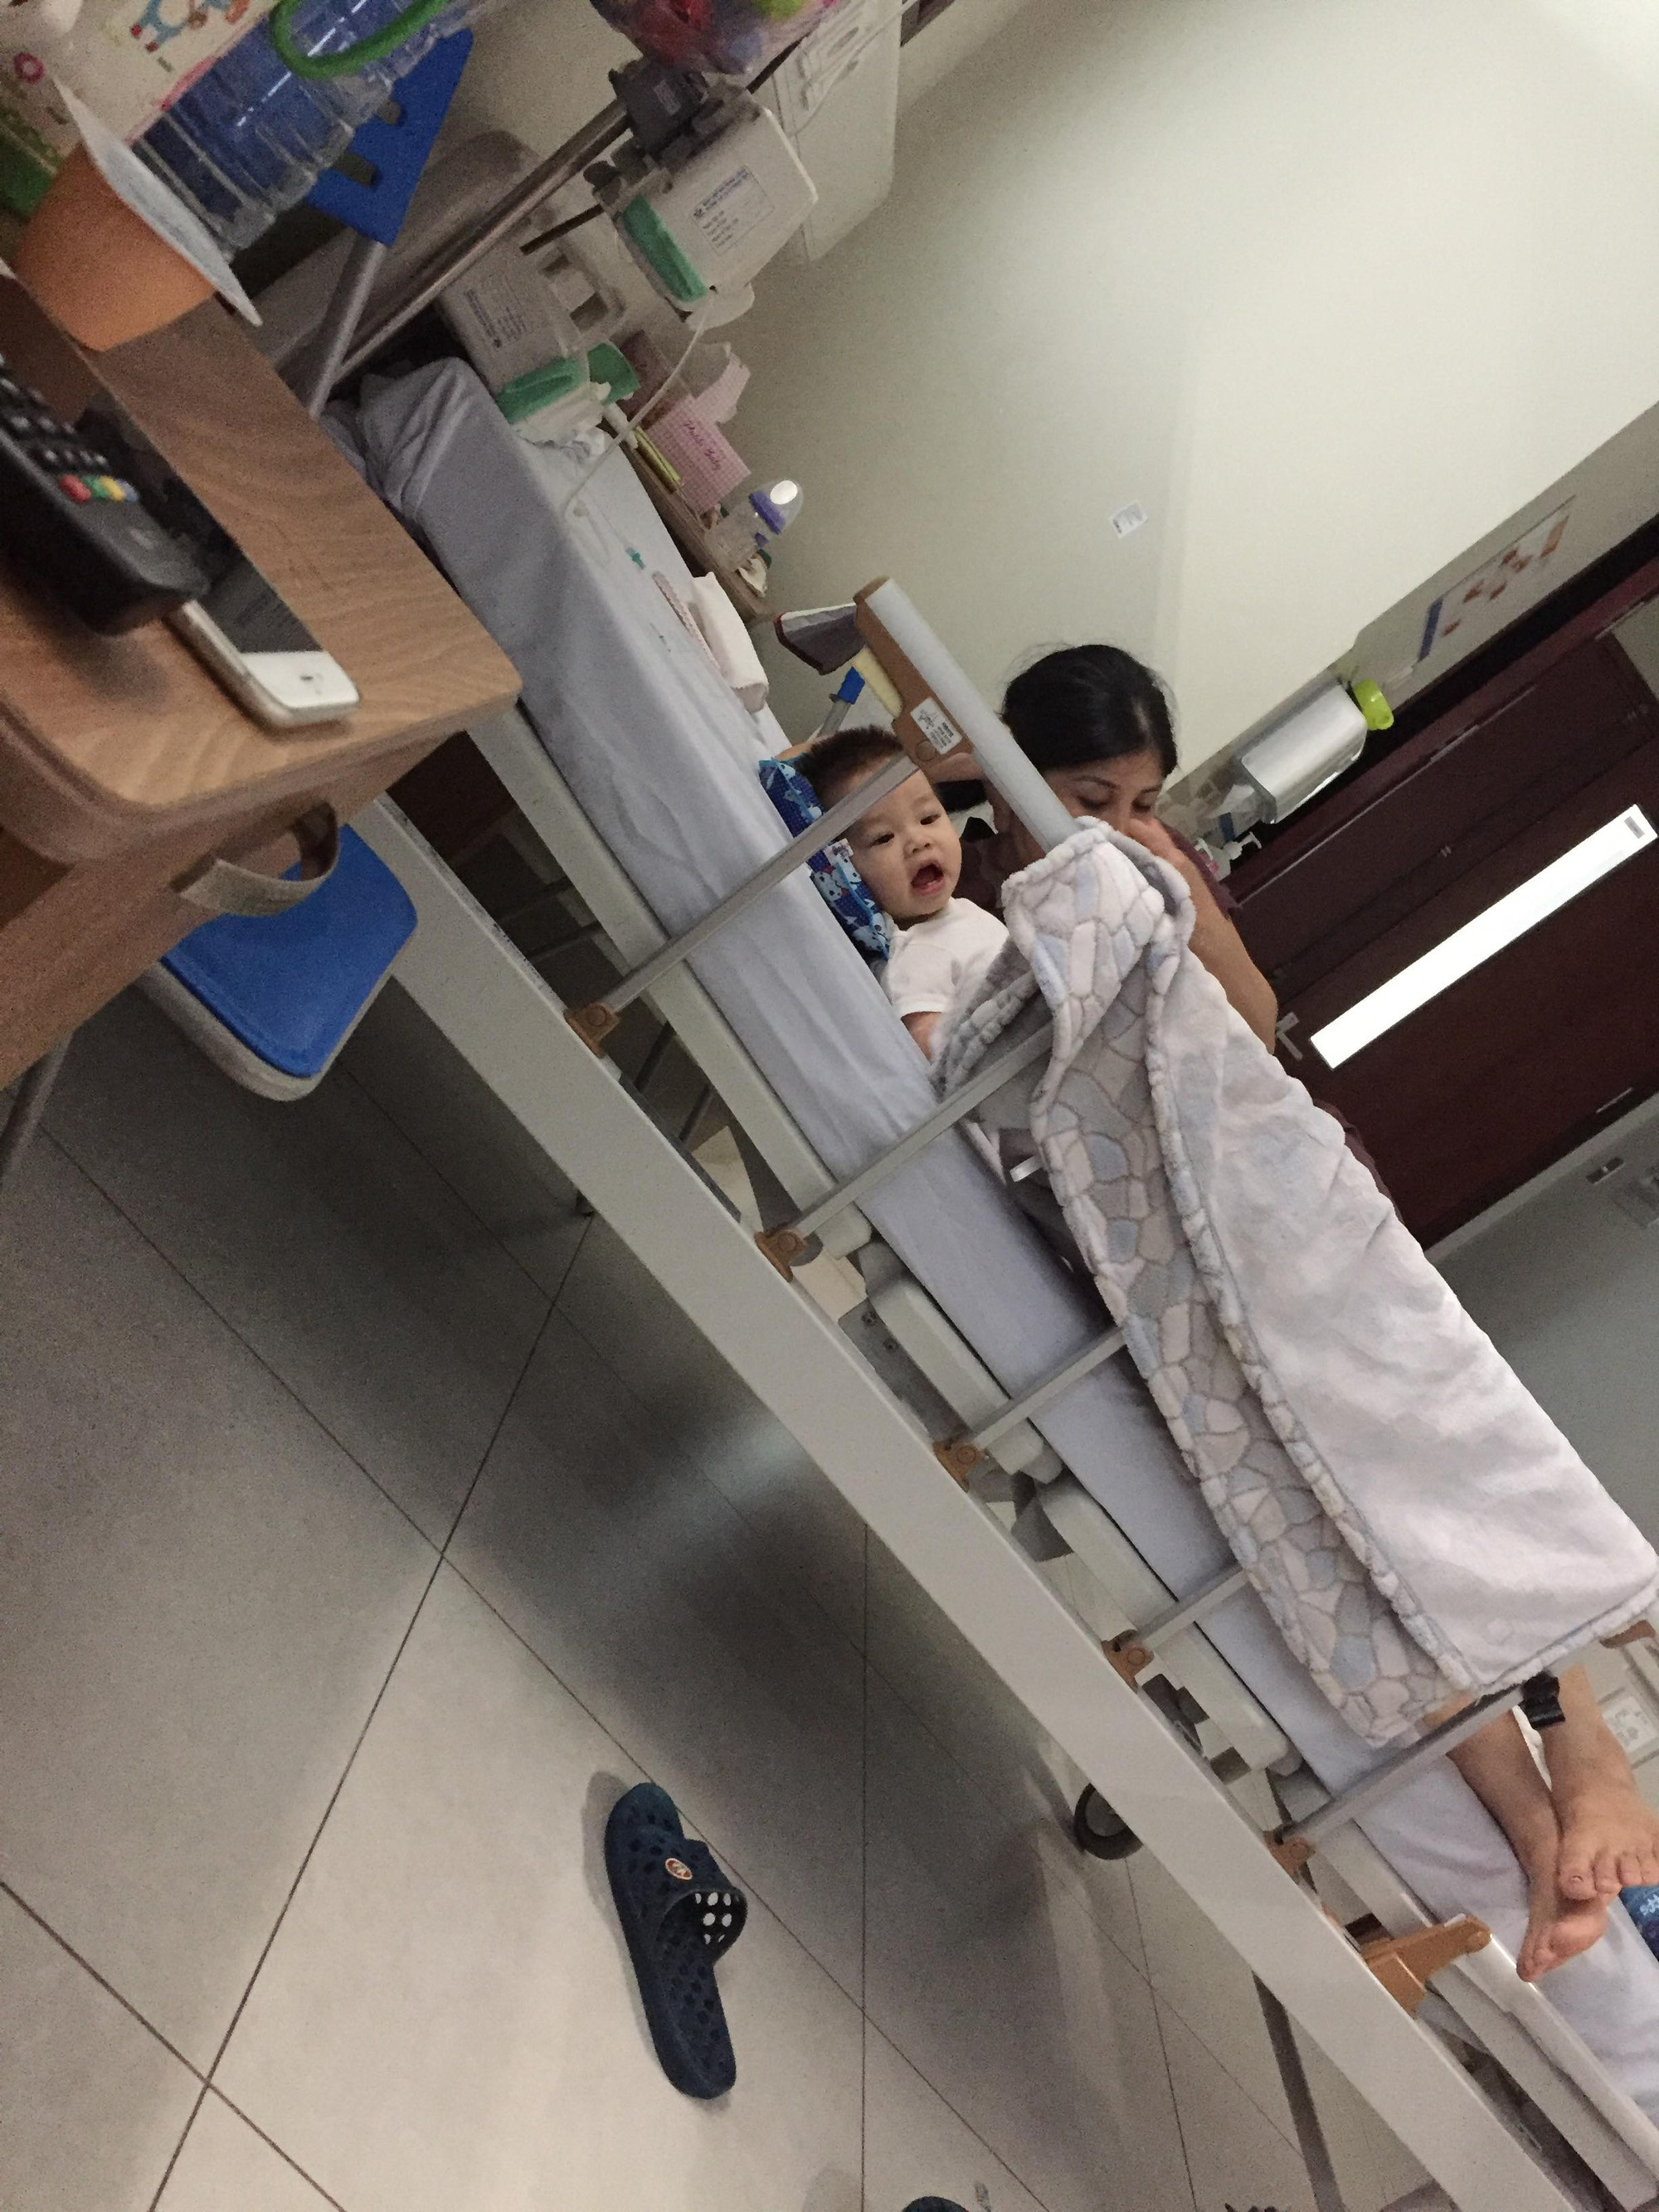 Tưởng chỉ bị đau chân bình thường, ai ngờ bé 10 tháng tuổi mắc phải căn bệnh lạ ở trẻ em - Ảnh 8.